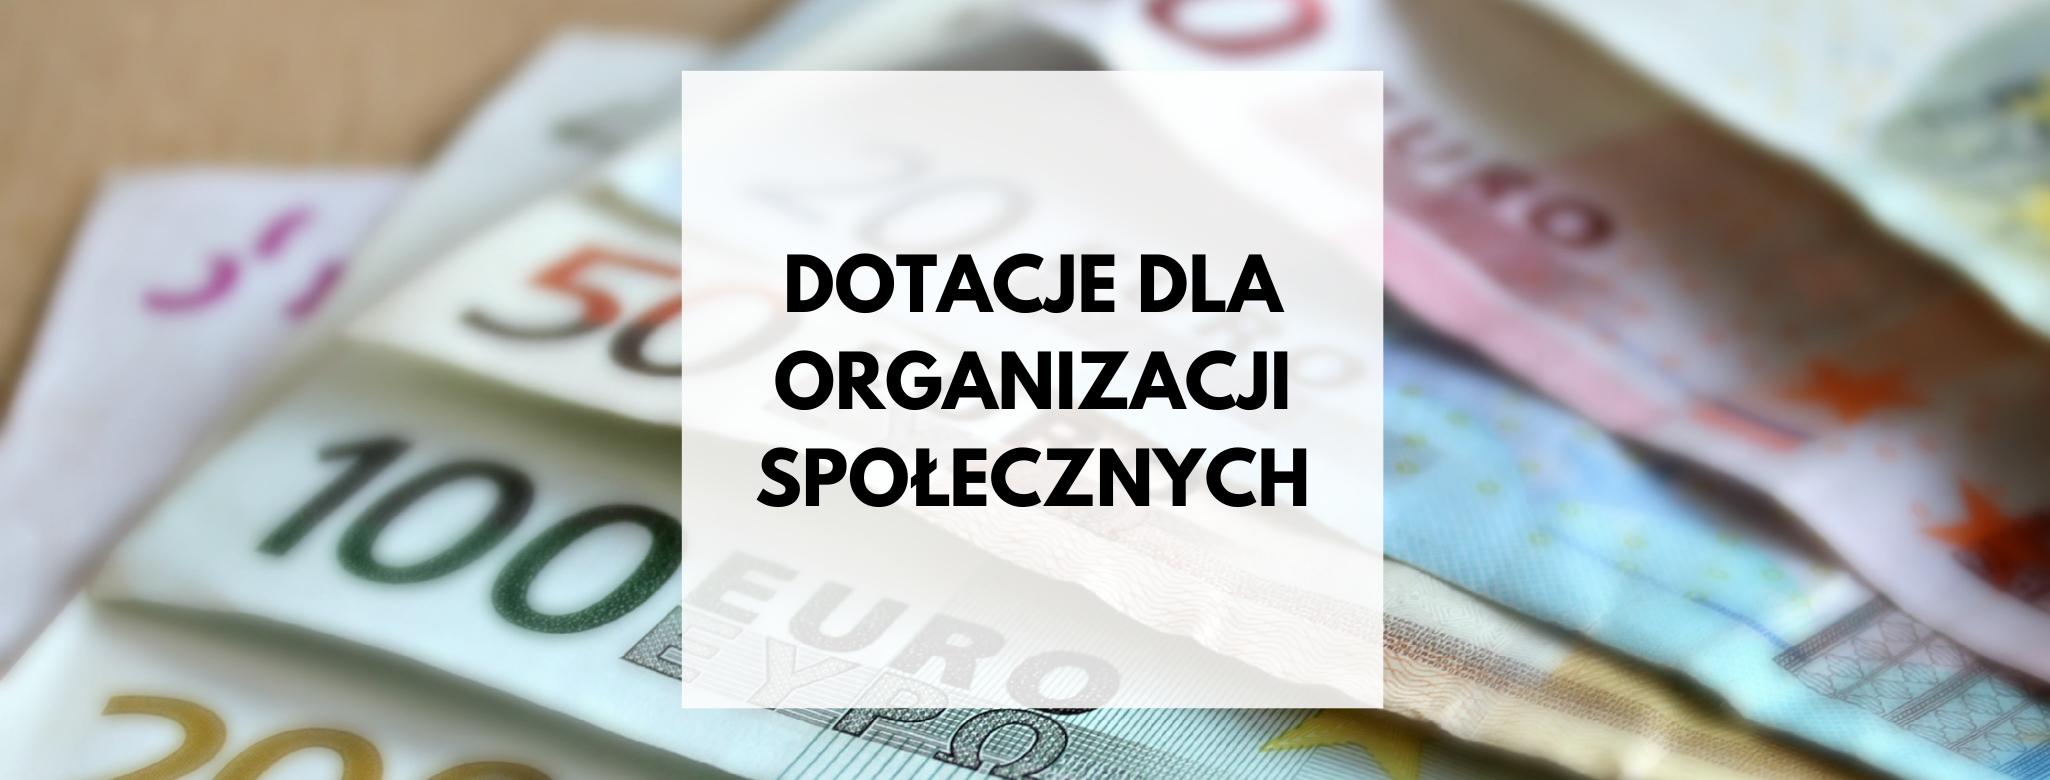 nagłówek o treści: dotacje dla organizacji społecznych